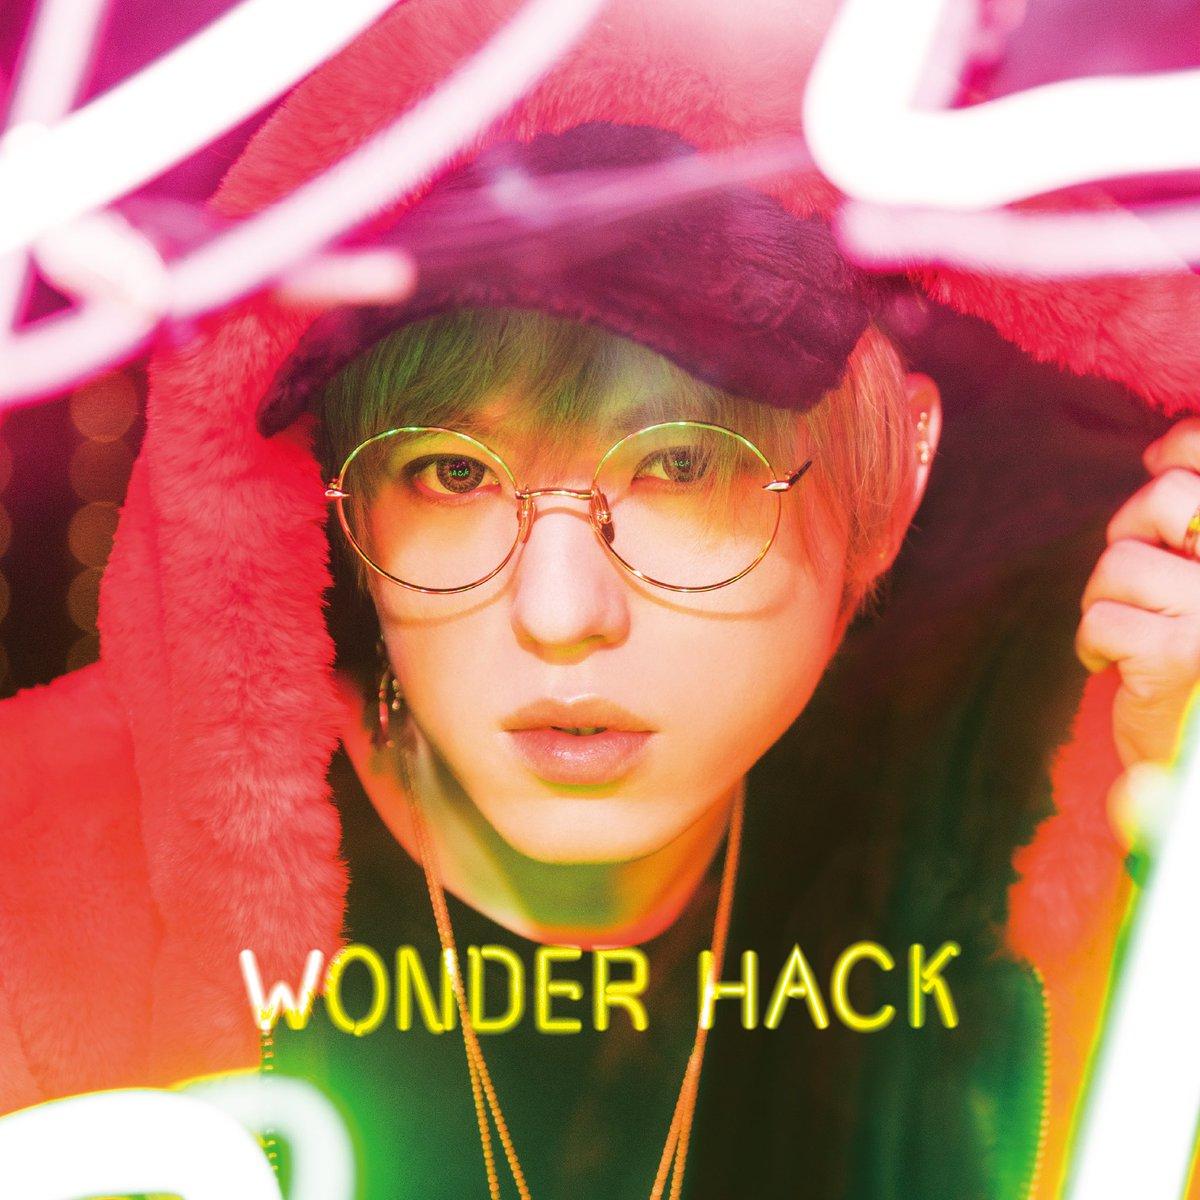 <アルバム発売決定!!>ㅤ約1年振りとなる待望の2ndアルバムを2019年1月16日にリリース?✨ㅤタイトルは『WONDER HACK』(ワンダーハック)??????⚡️?ㅤ来年2月からのツアータイトルもShuta Sueoyshi LIVE TOUR 2019-WONDER HACK- に決定??ㅤ詳細はこちらから?